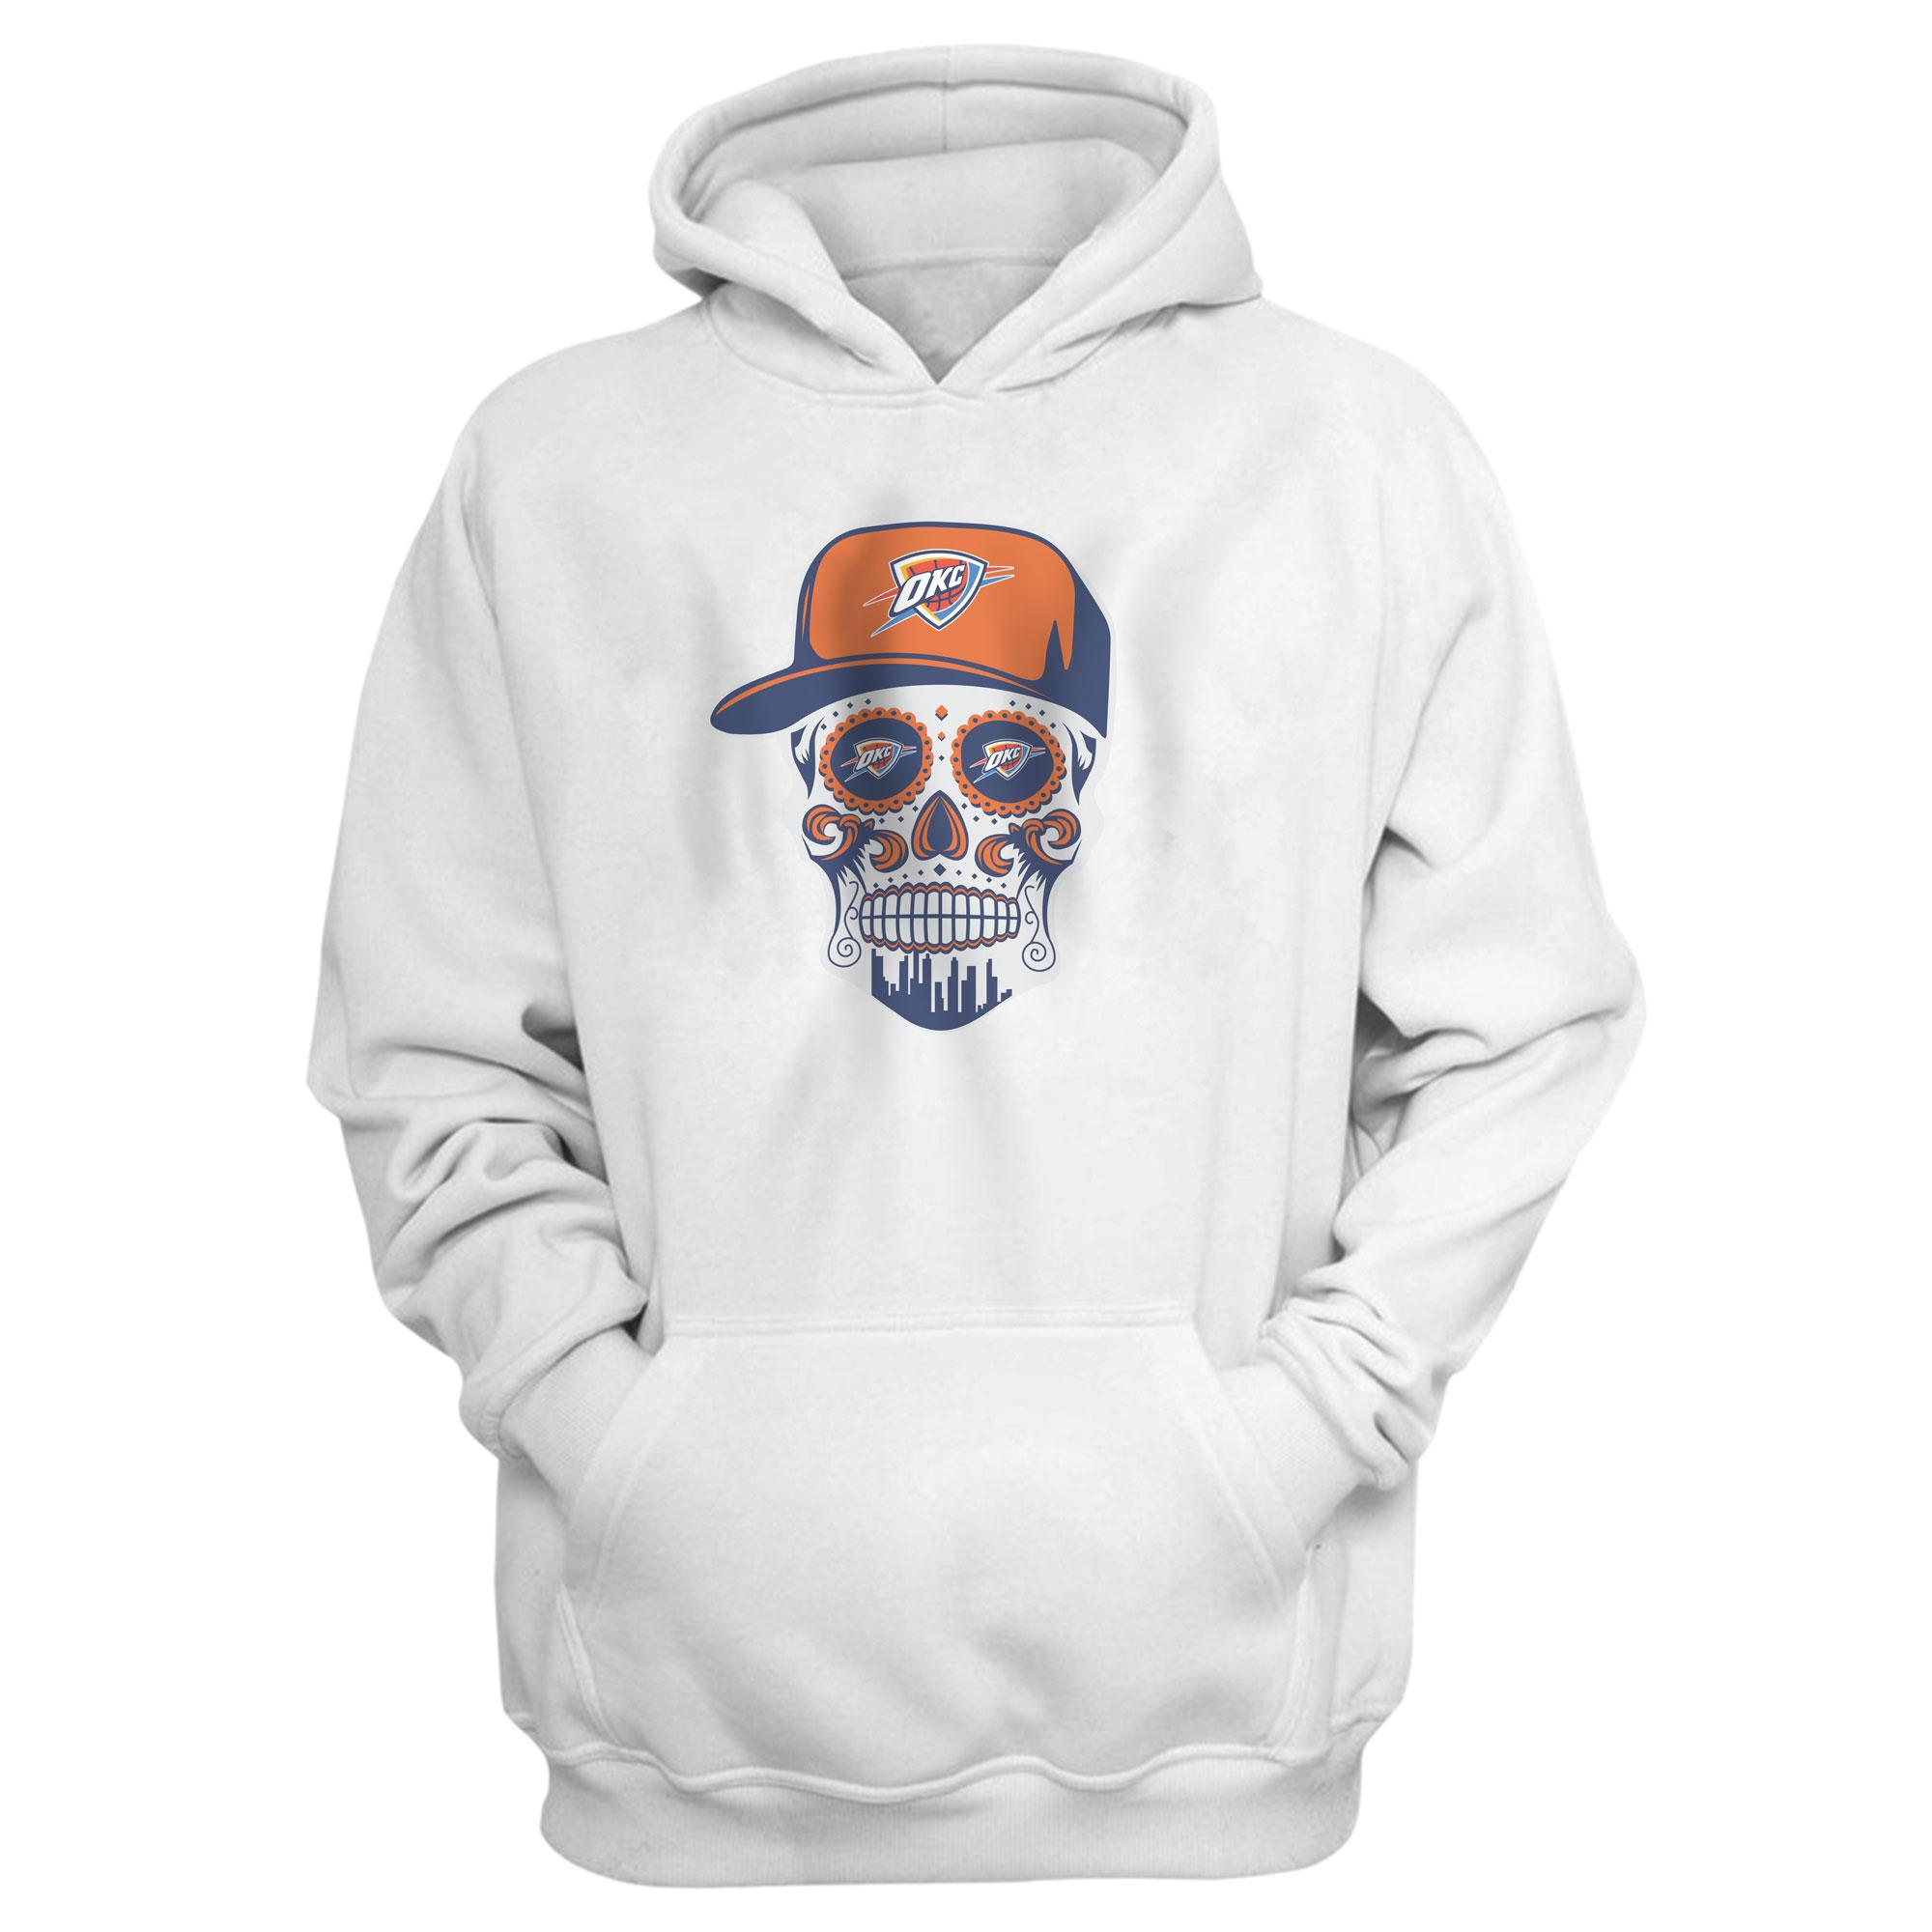 Thunder Skull  Hoodie  (HD-WHT-NP-459-NBA-OKC-SKULL)